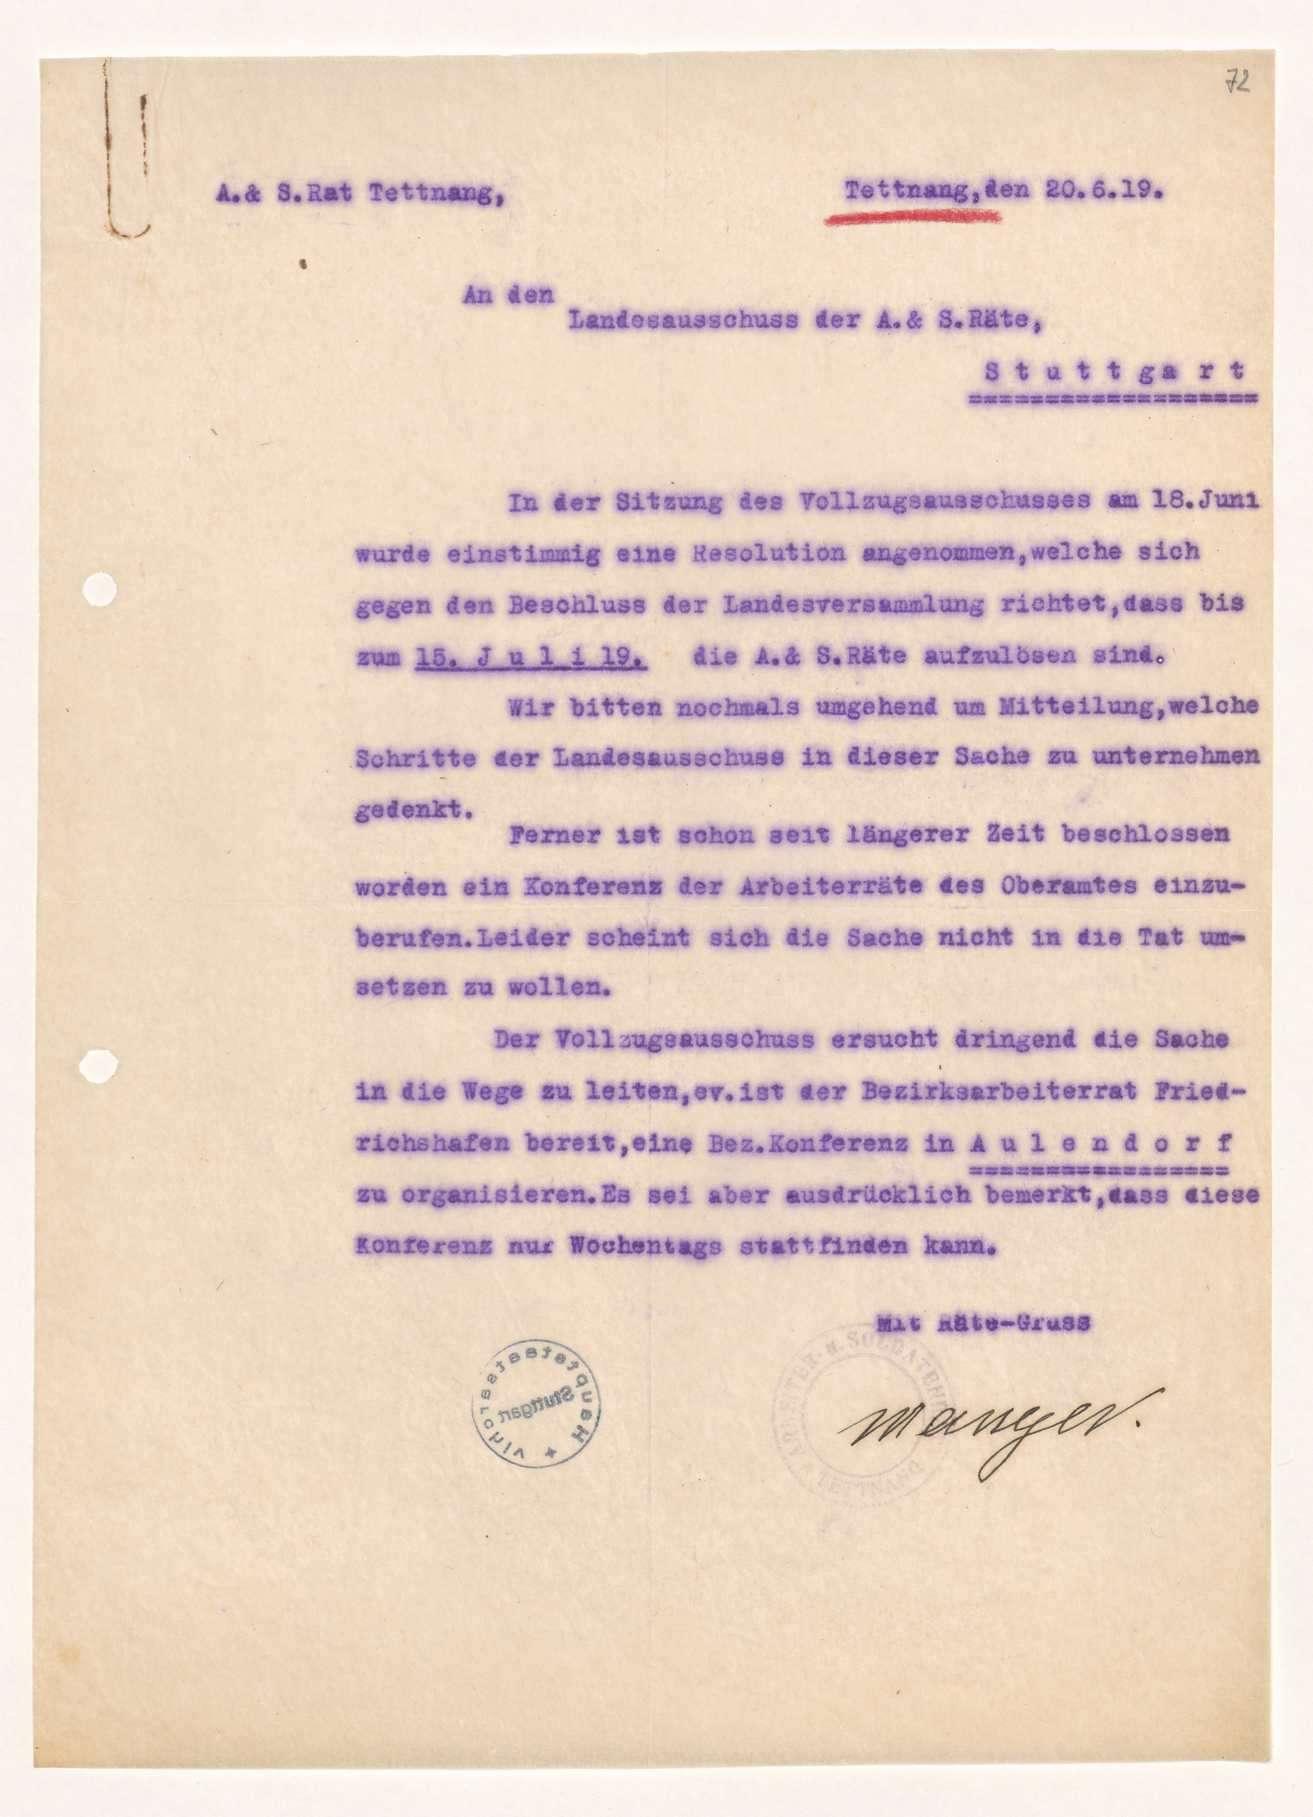 Versammlungen örtlicher Arbeiterräte, teilweise unter Mitwirkung des Ladensausschusses, Bild 2